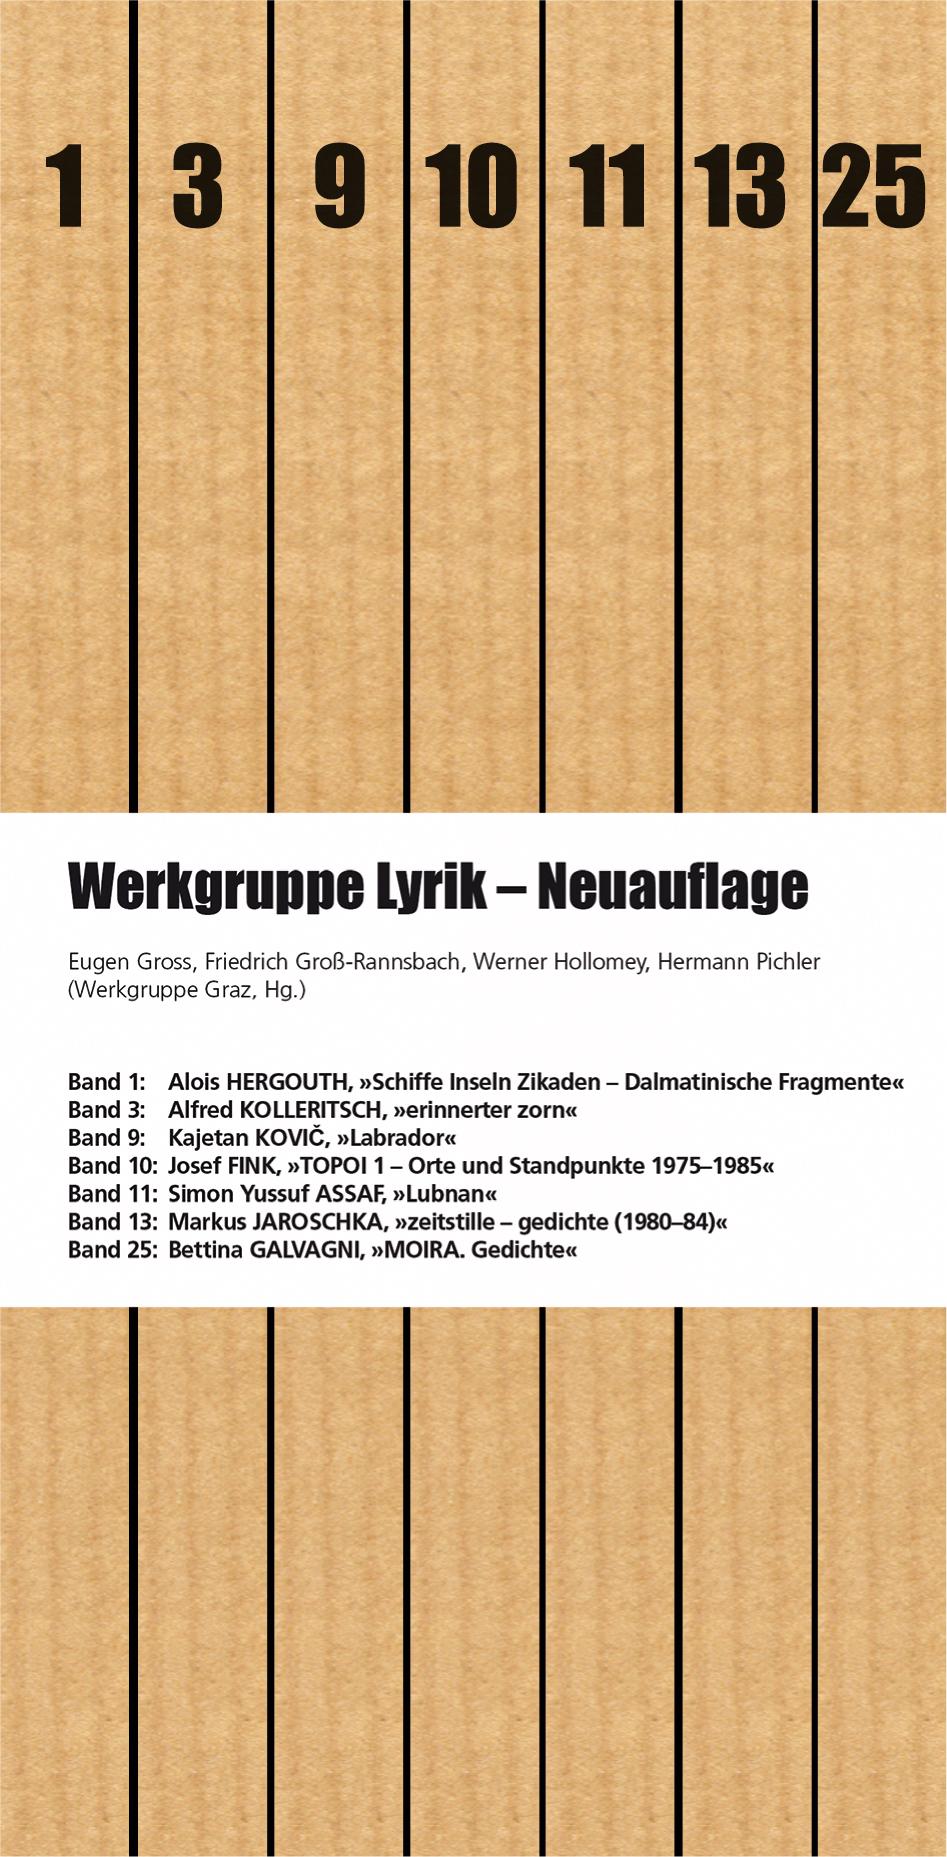 Werkgruppe Lyrik Neuauflage